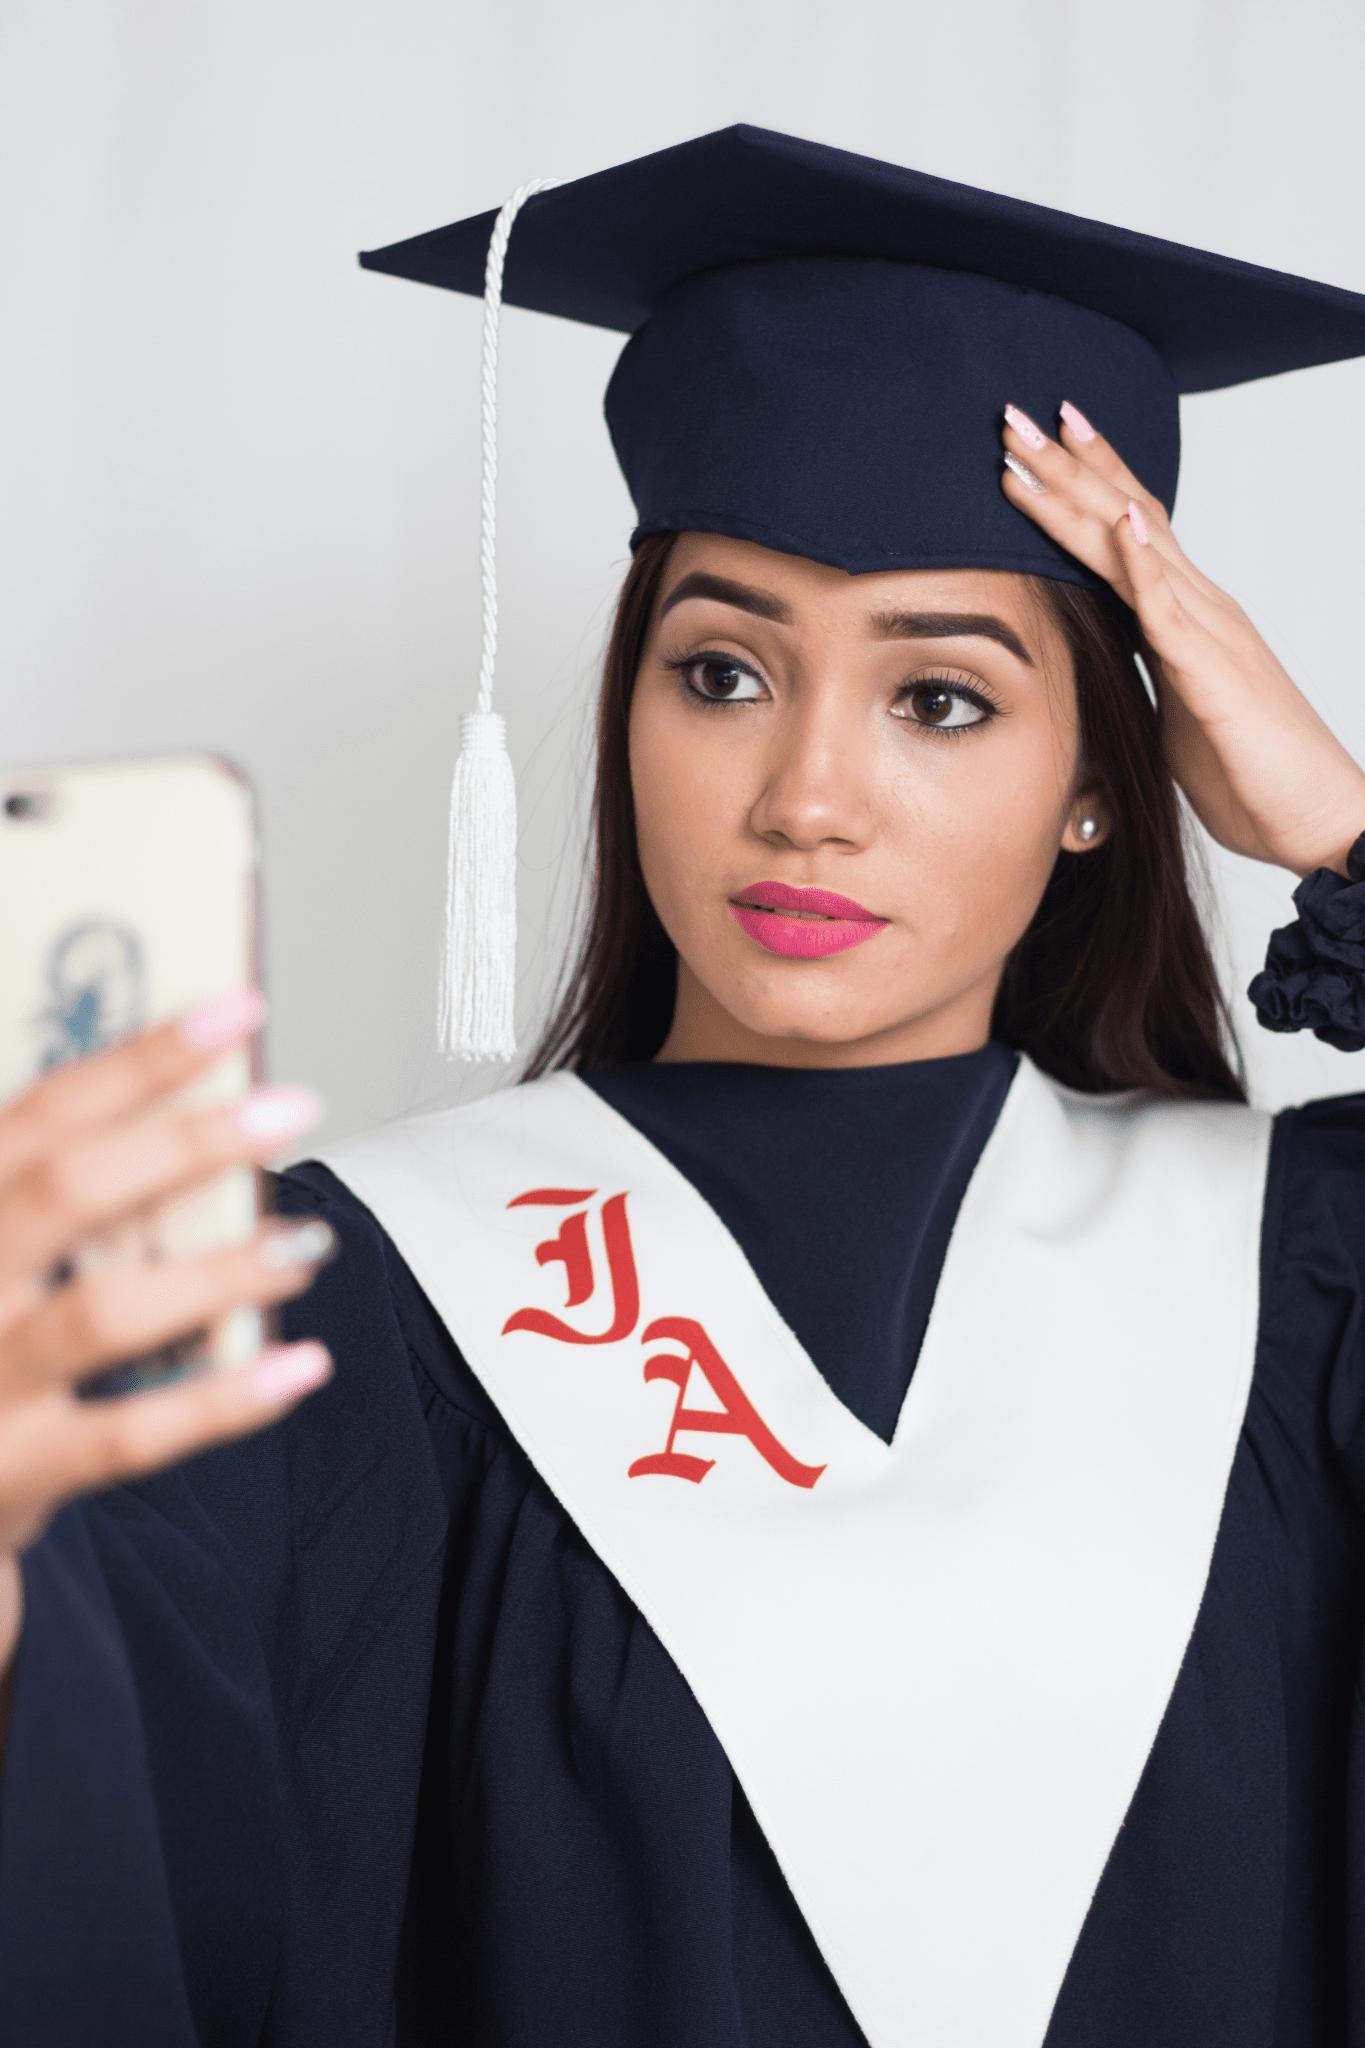 fotografia de graduaciones